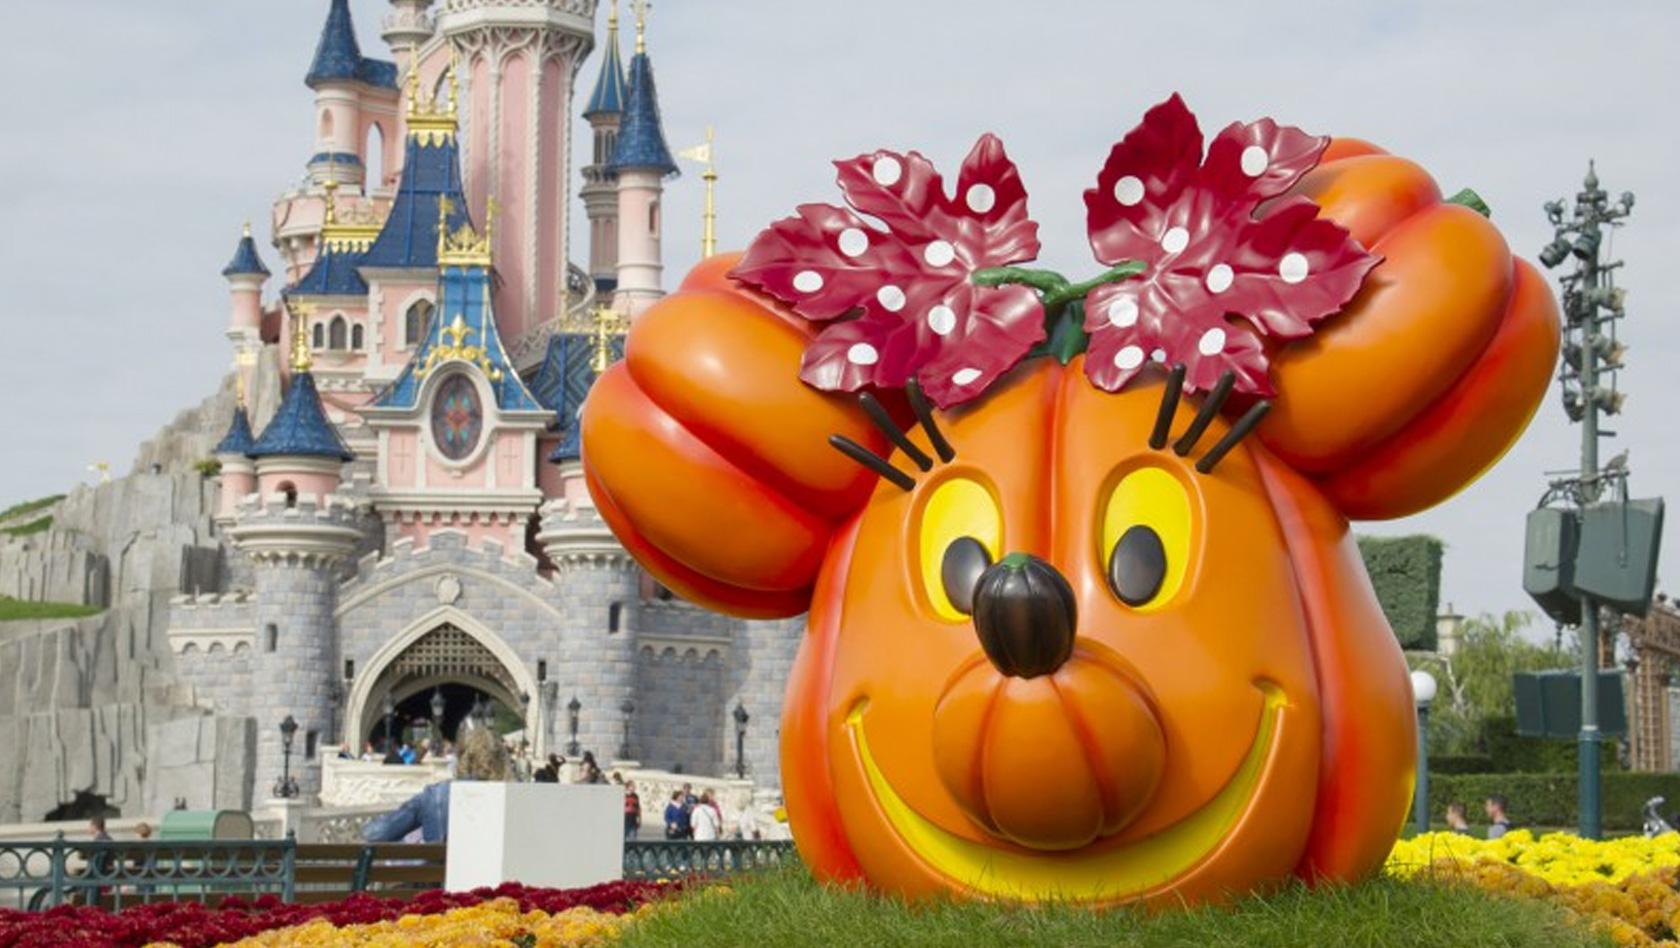 Chien Hotel Disneyland Paris